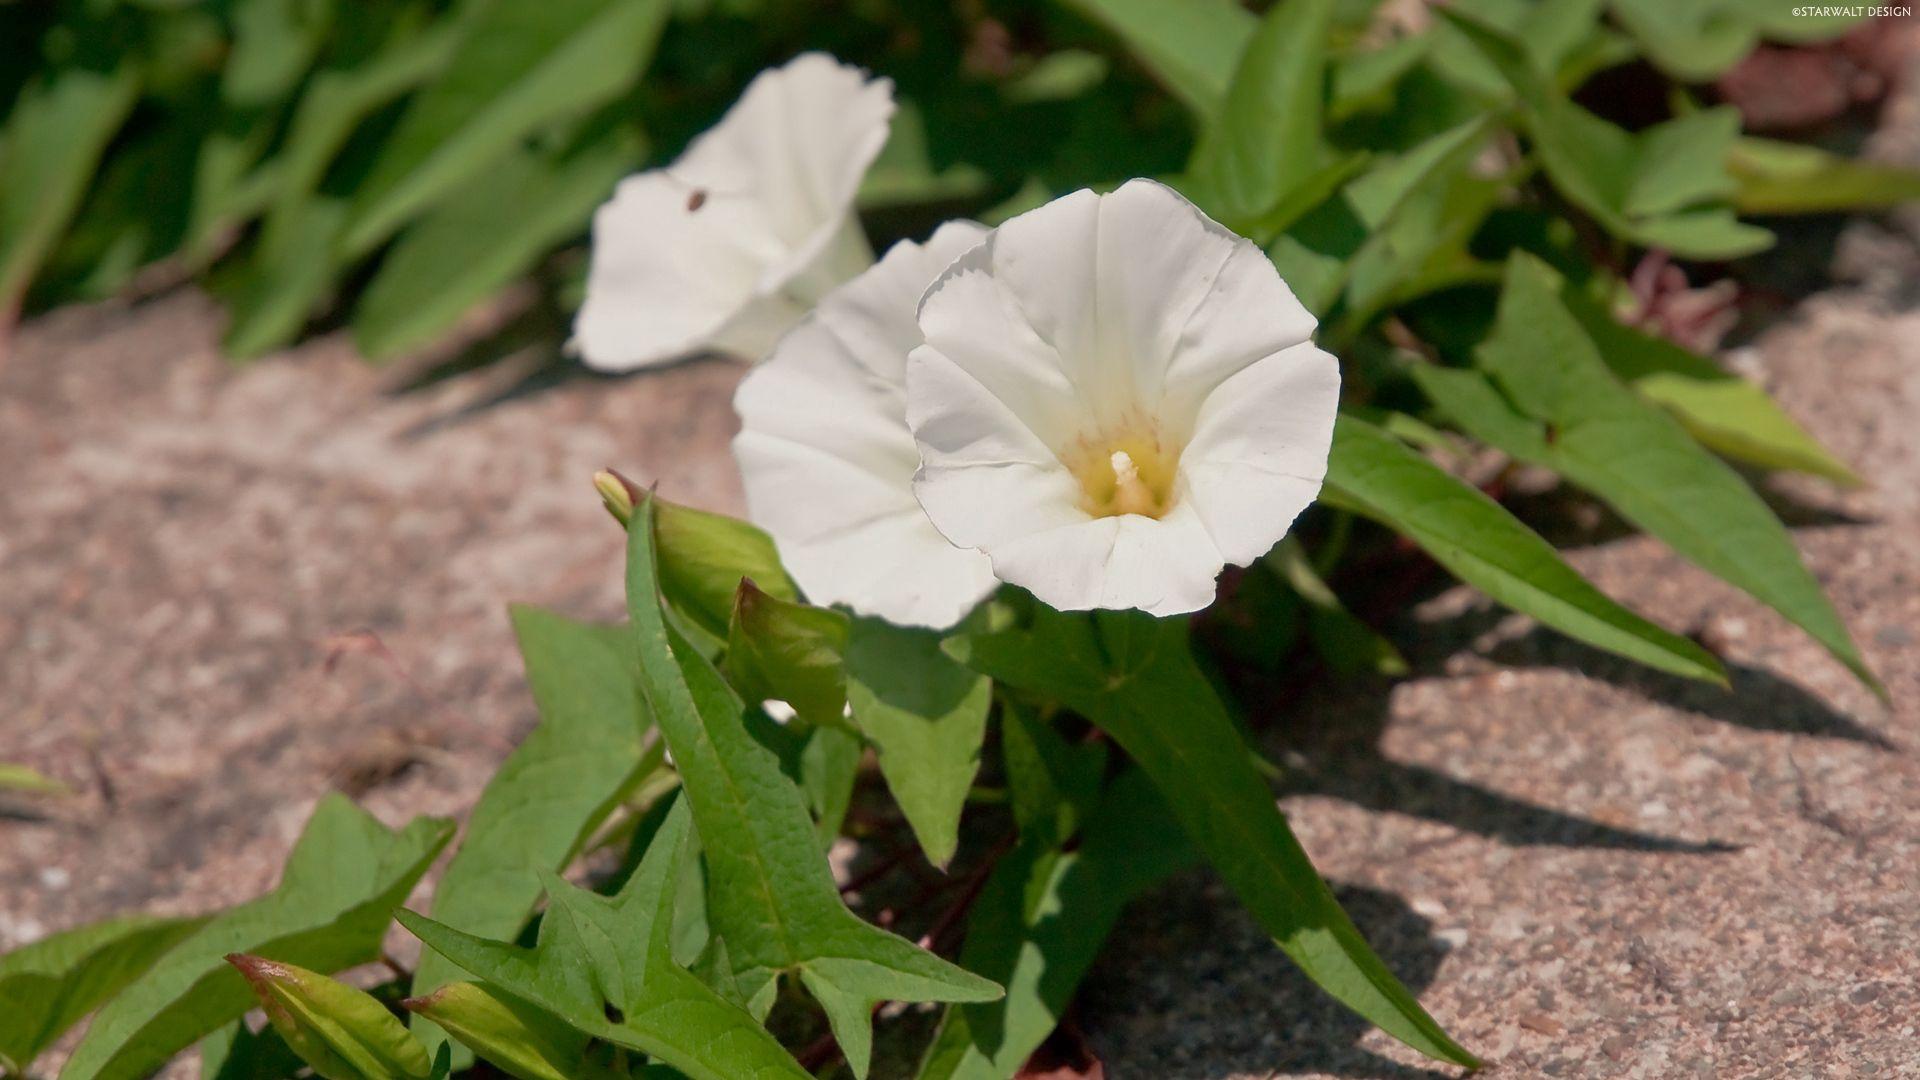 129494 Hintergrundbild herunterladen Blumen, Bindweed, Asphalt, Grüne, Grünen - Bildschirmschoner und Bilder kostenlos